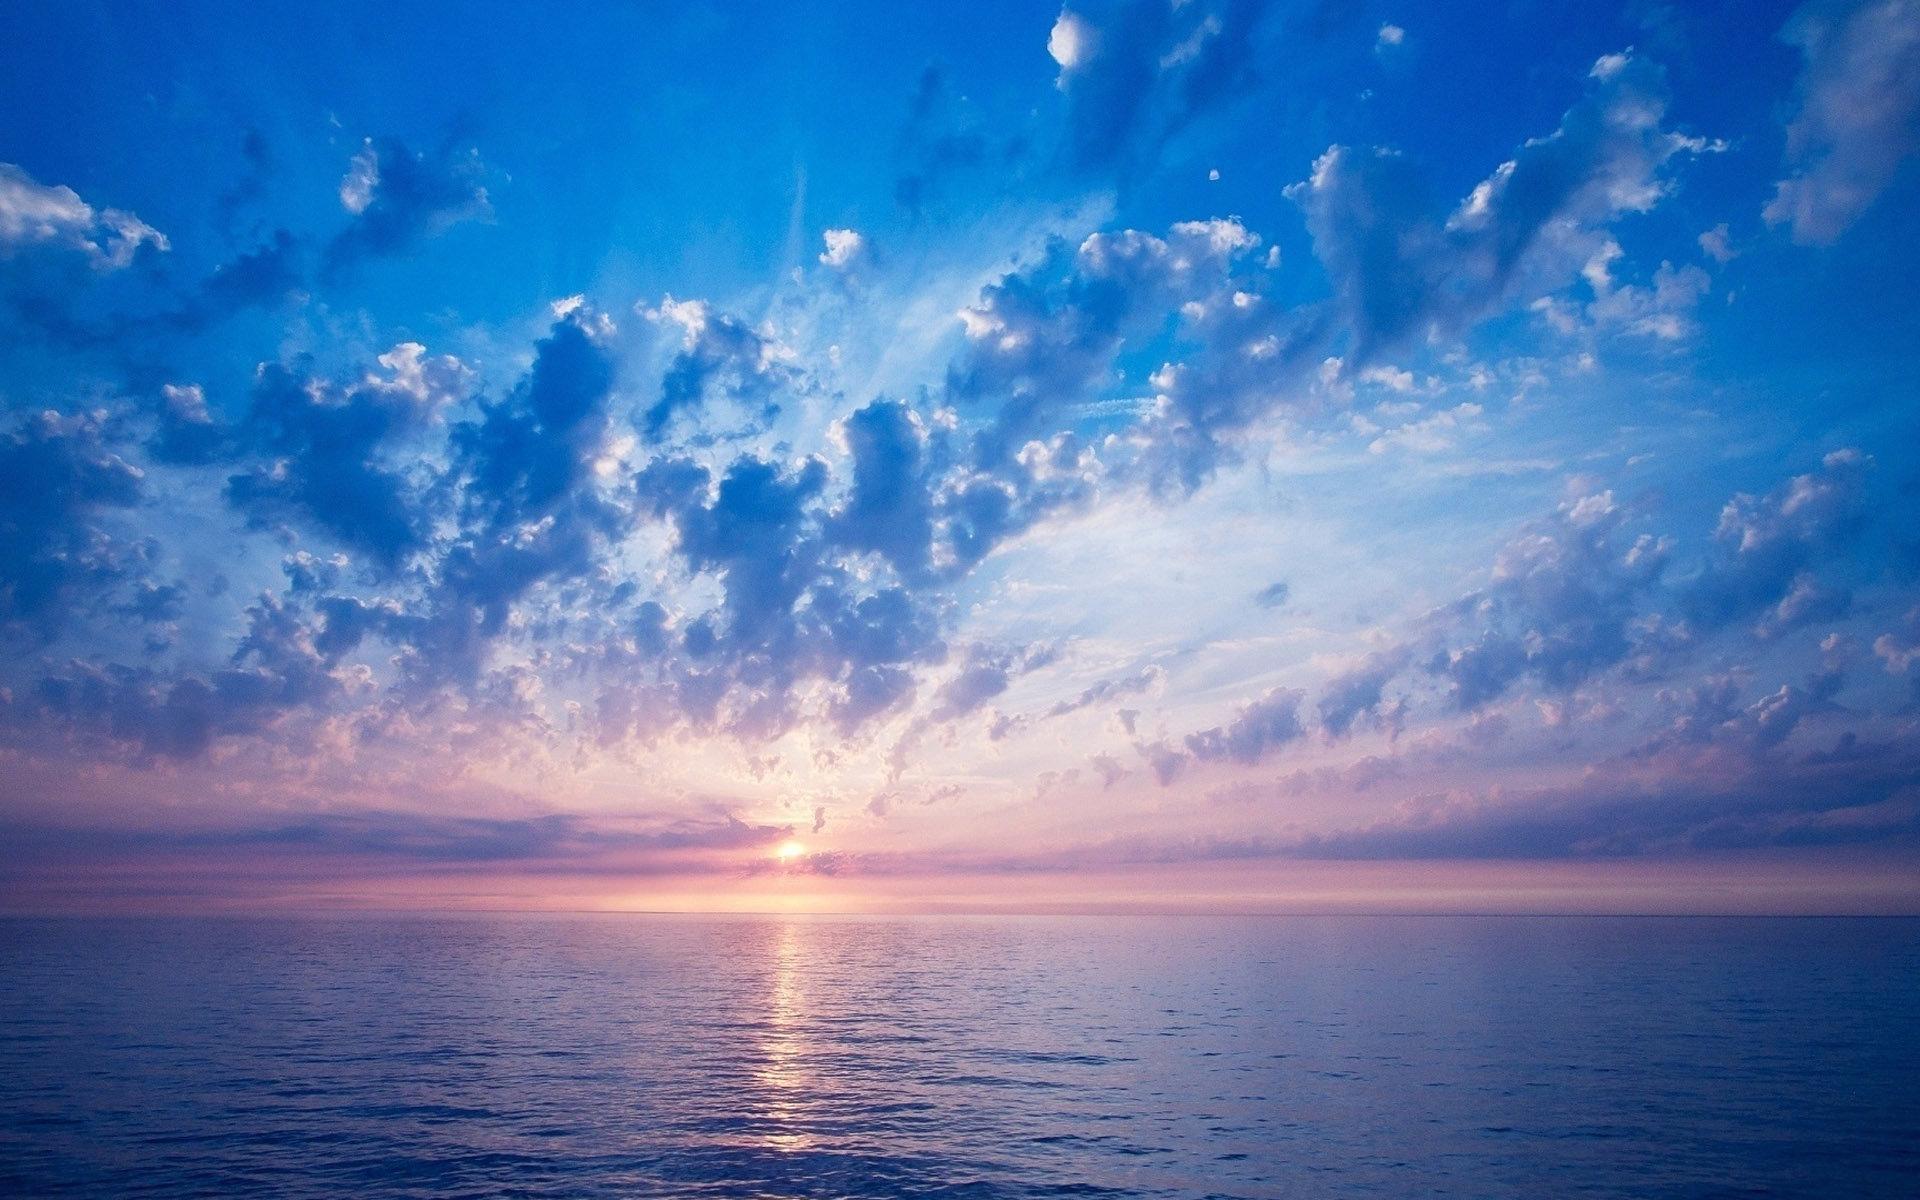 理想生活状态的句子心情说说语录:简单快乐每一天